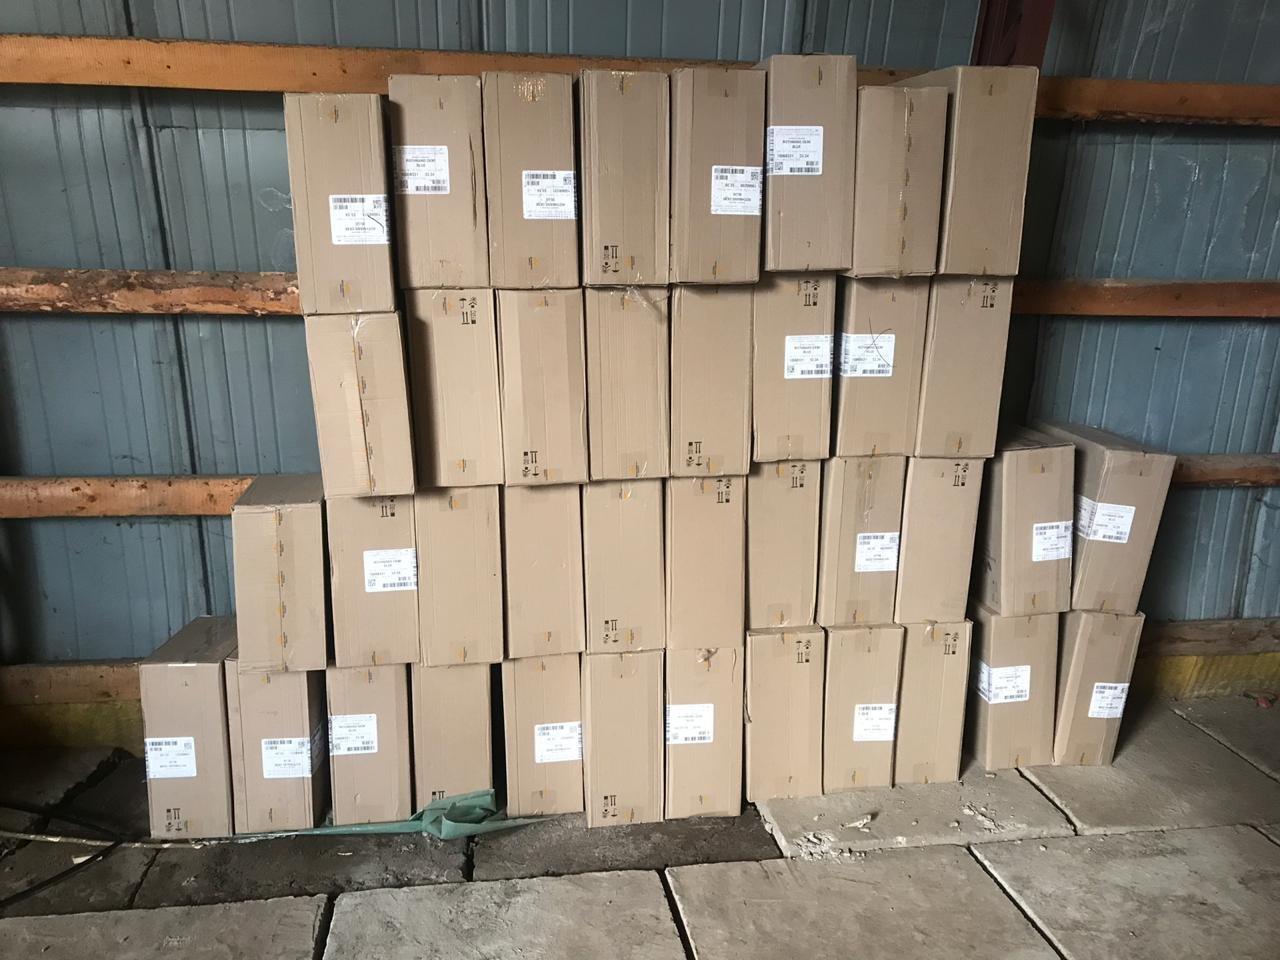 Російська контрабанда: на кордоні Закарпаття у плитах ДСП знайшли цигарки на майже 6 млн гривень (ФОТО, ВІДЕО), фото-8